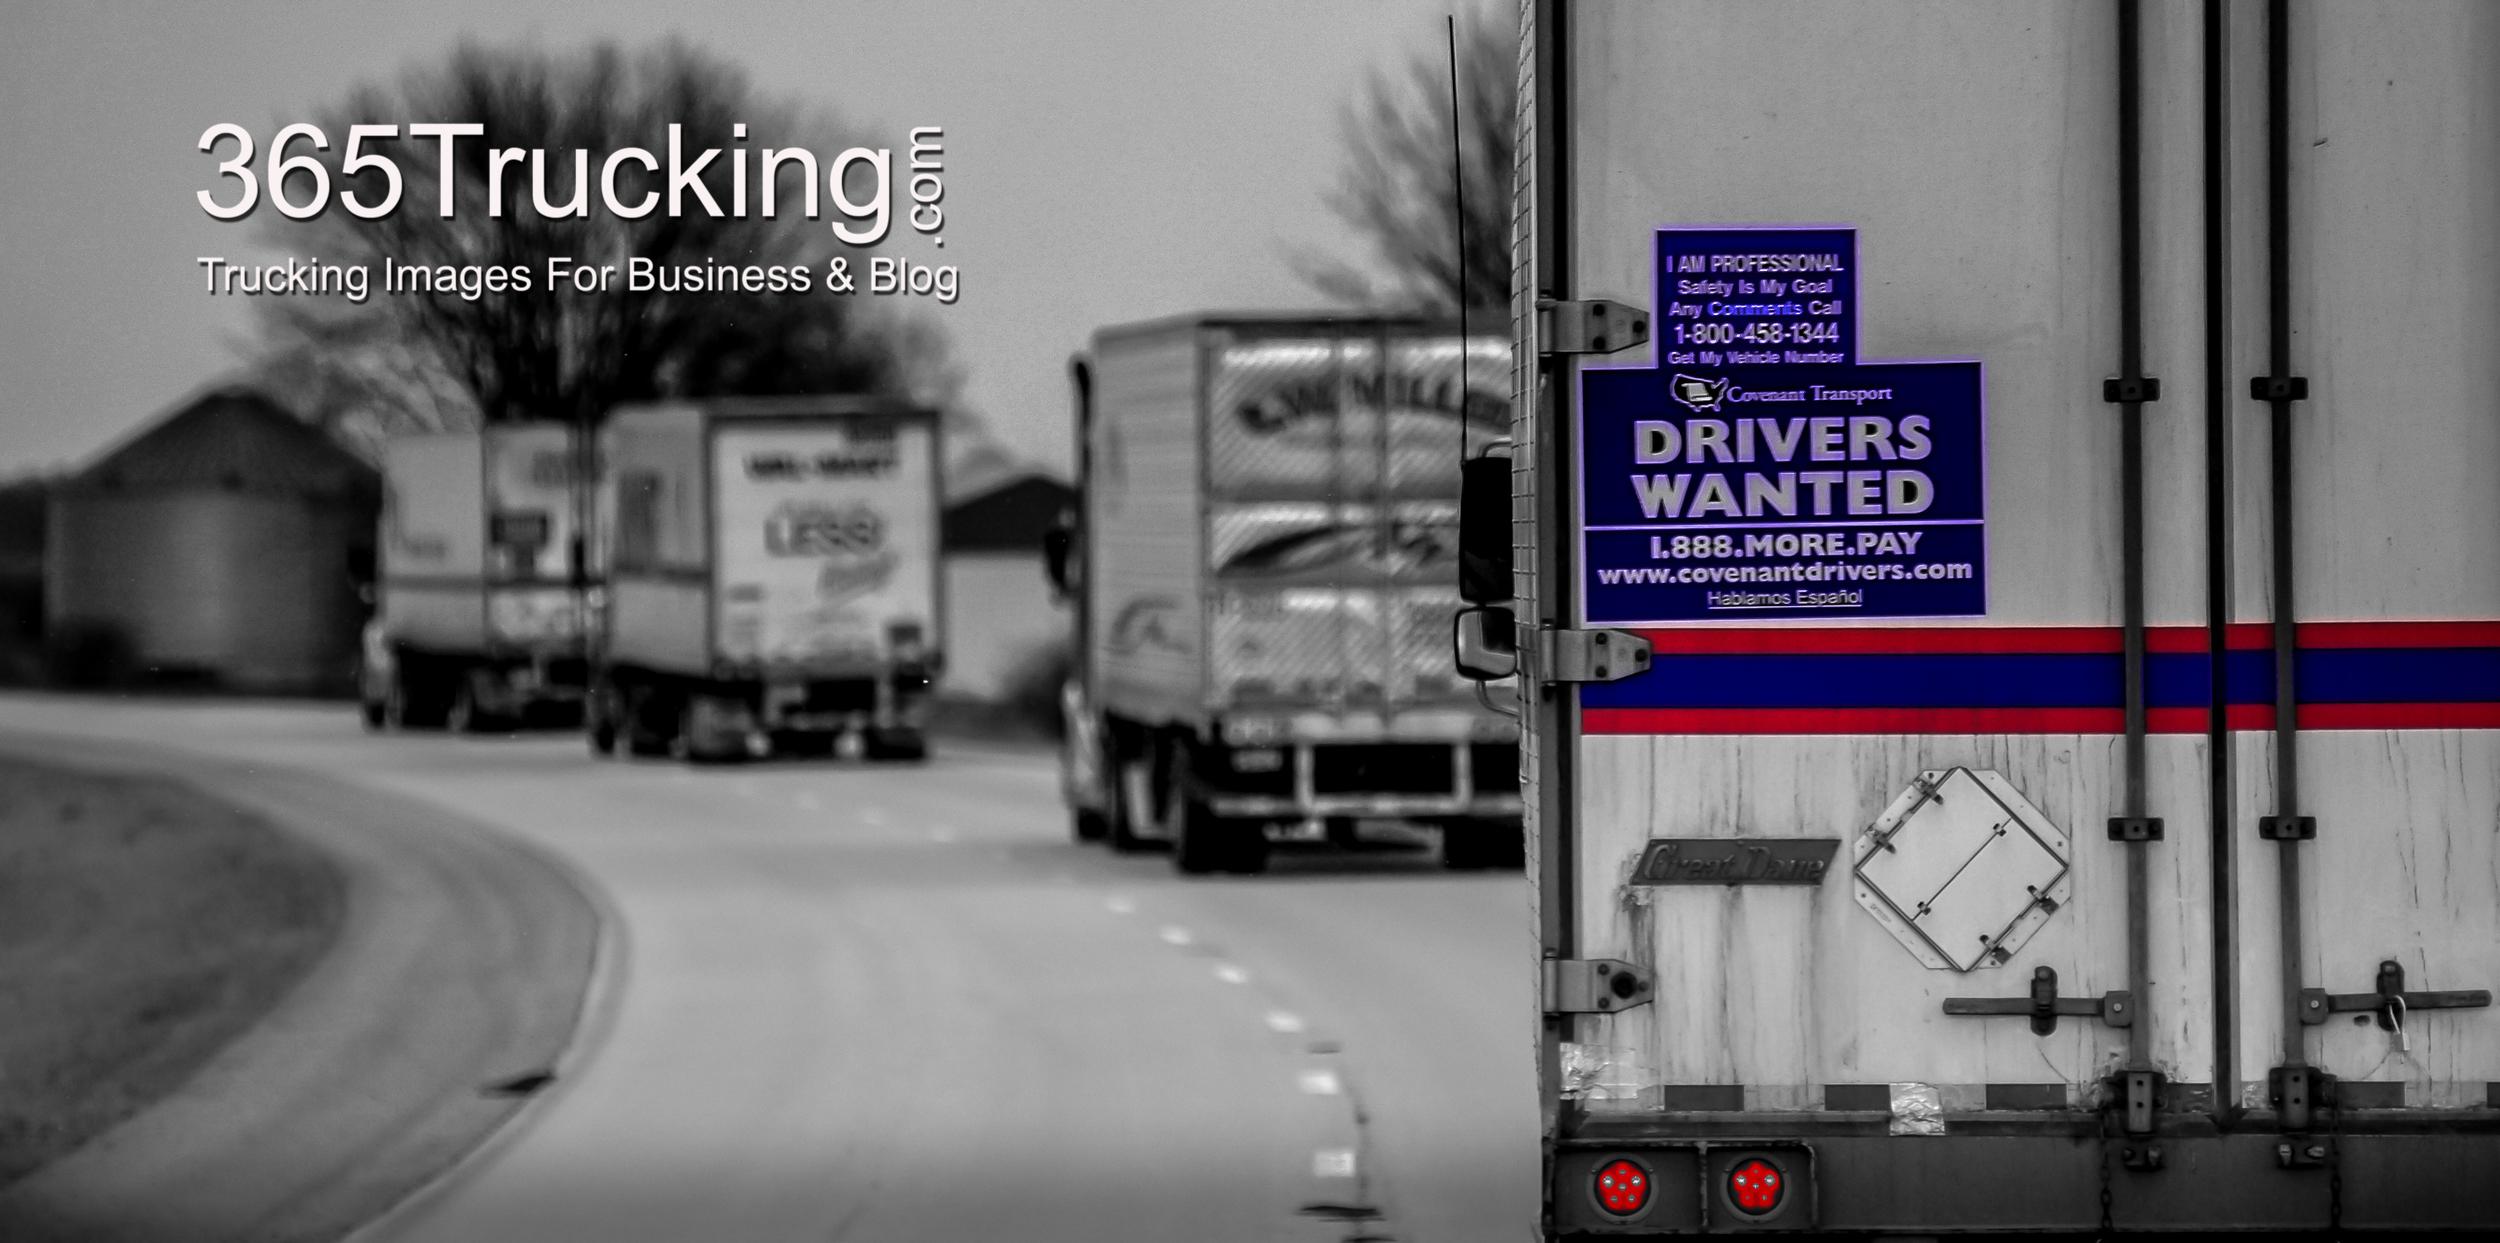 a_truck_030409_10